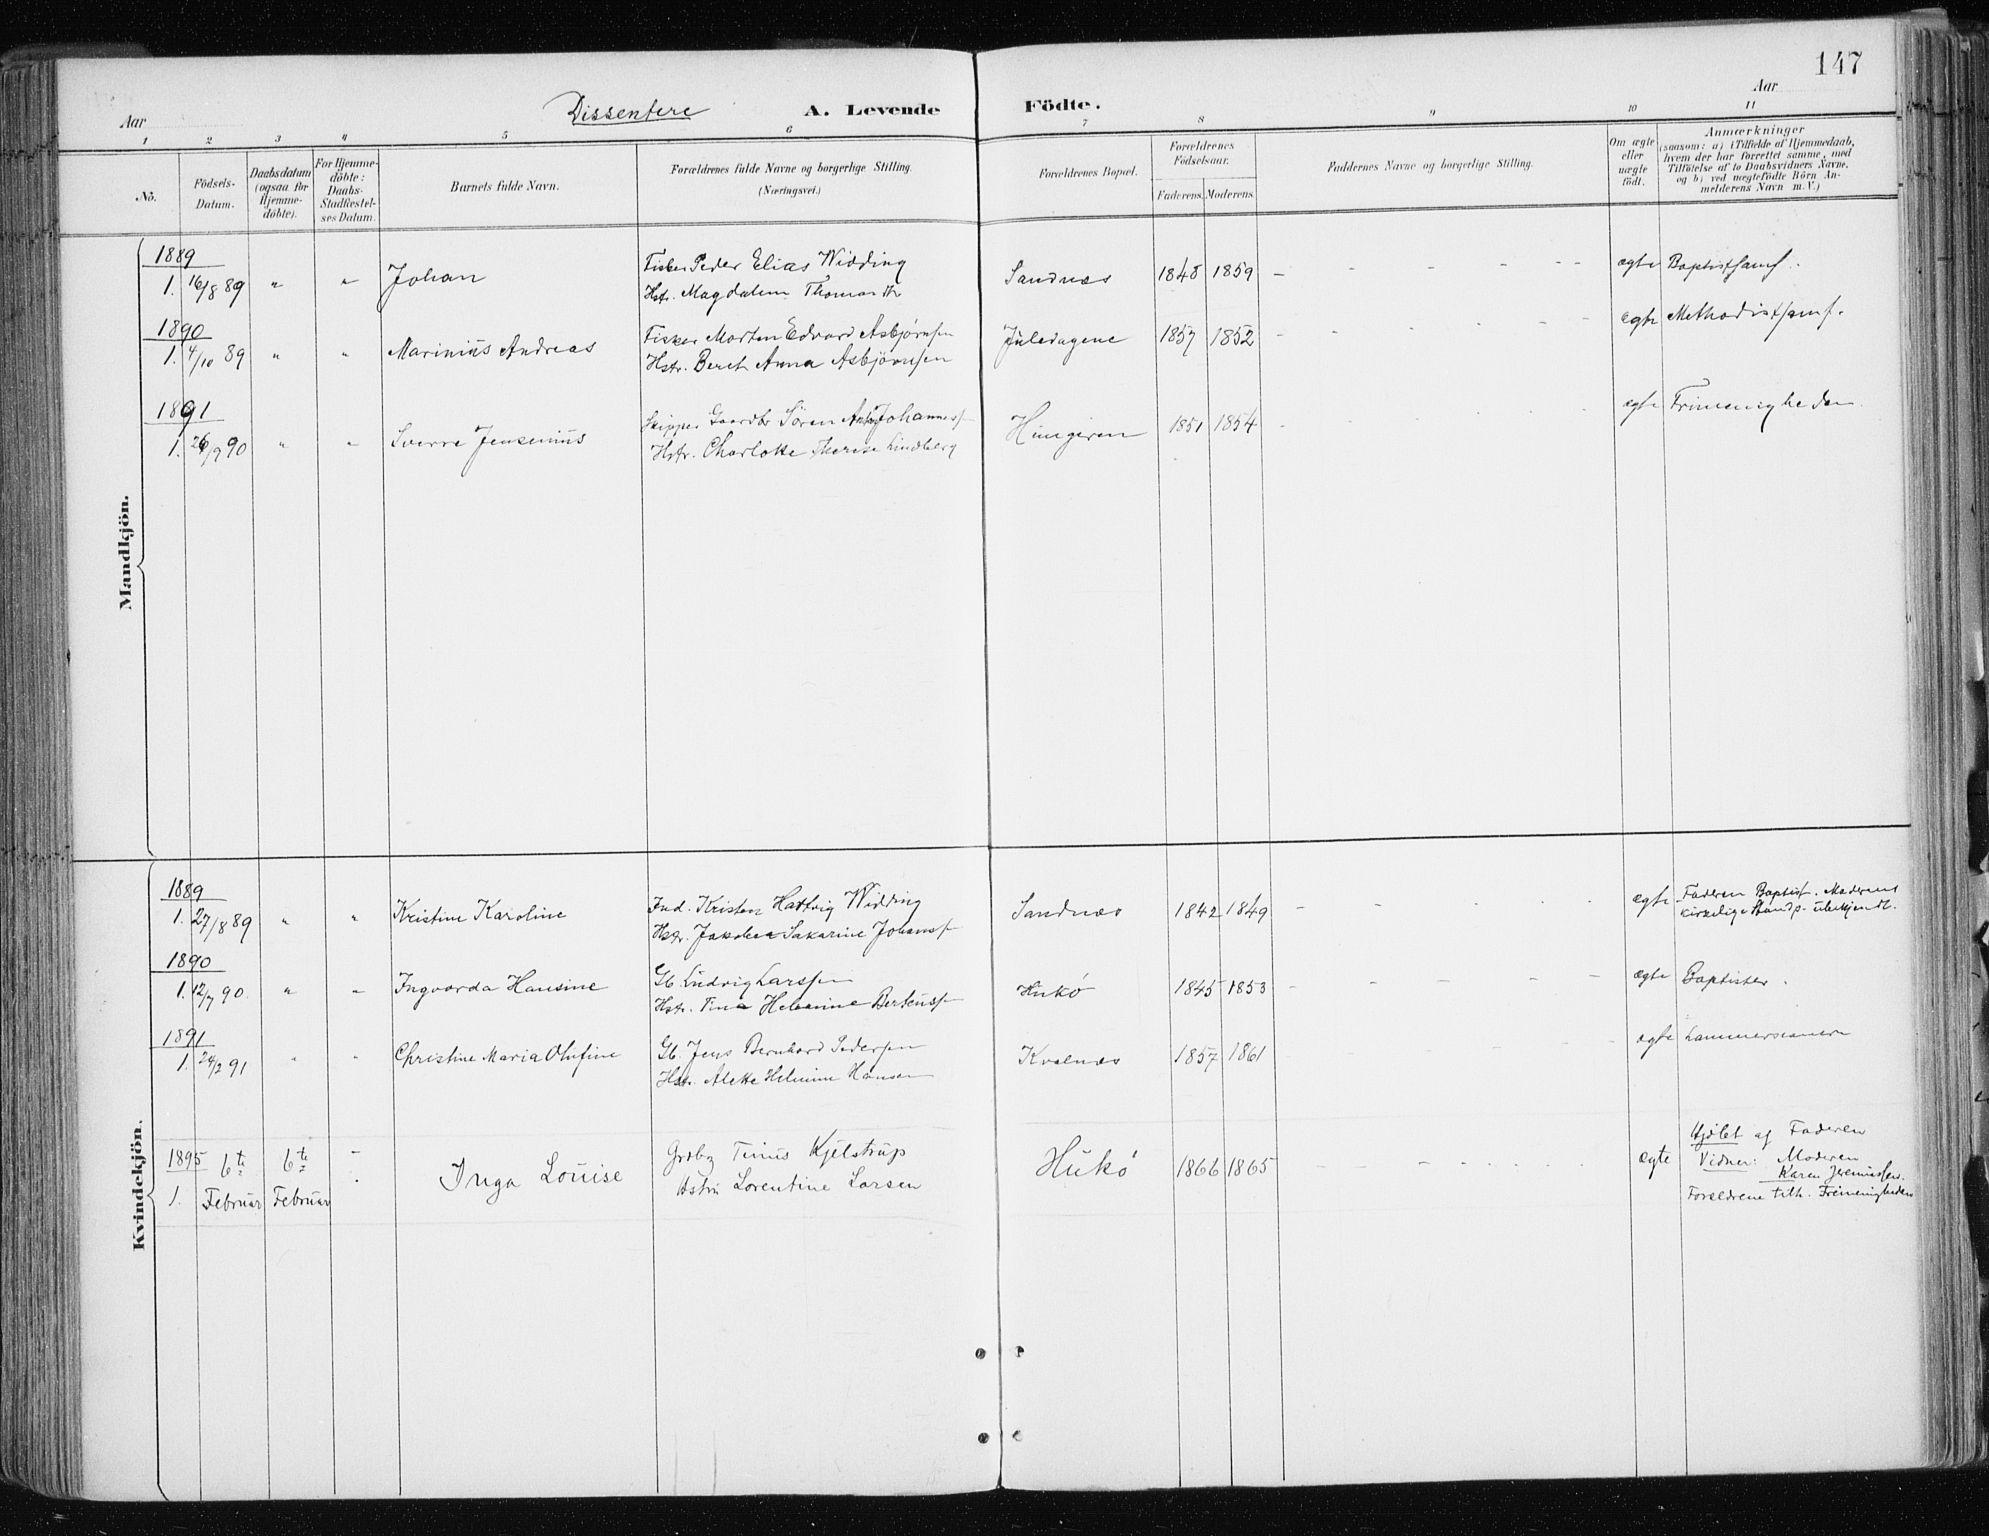 SATØ, Tromsøysund sokneprestkontor, G/Ga/L0005kirke: Ministerialbok nr. 5, 1888-1896, s. 147